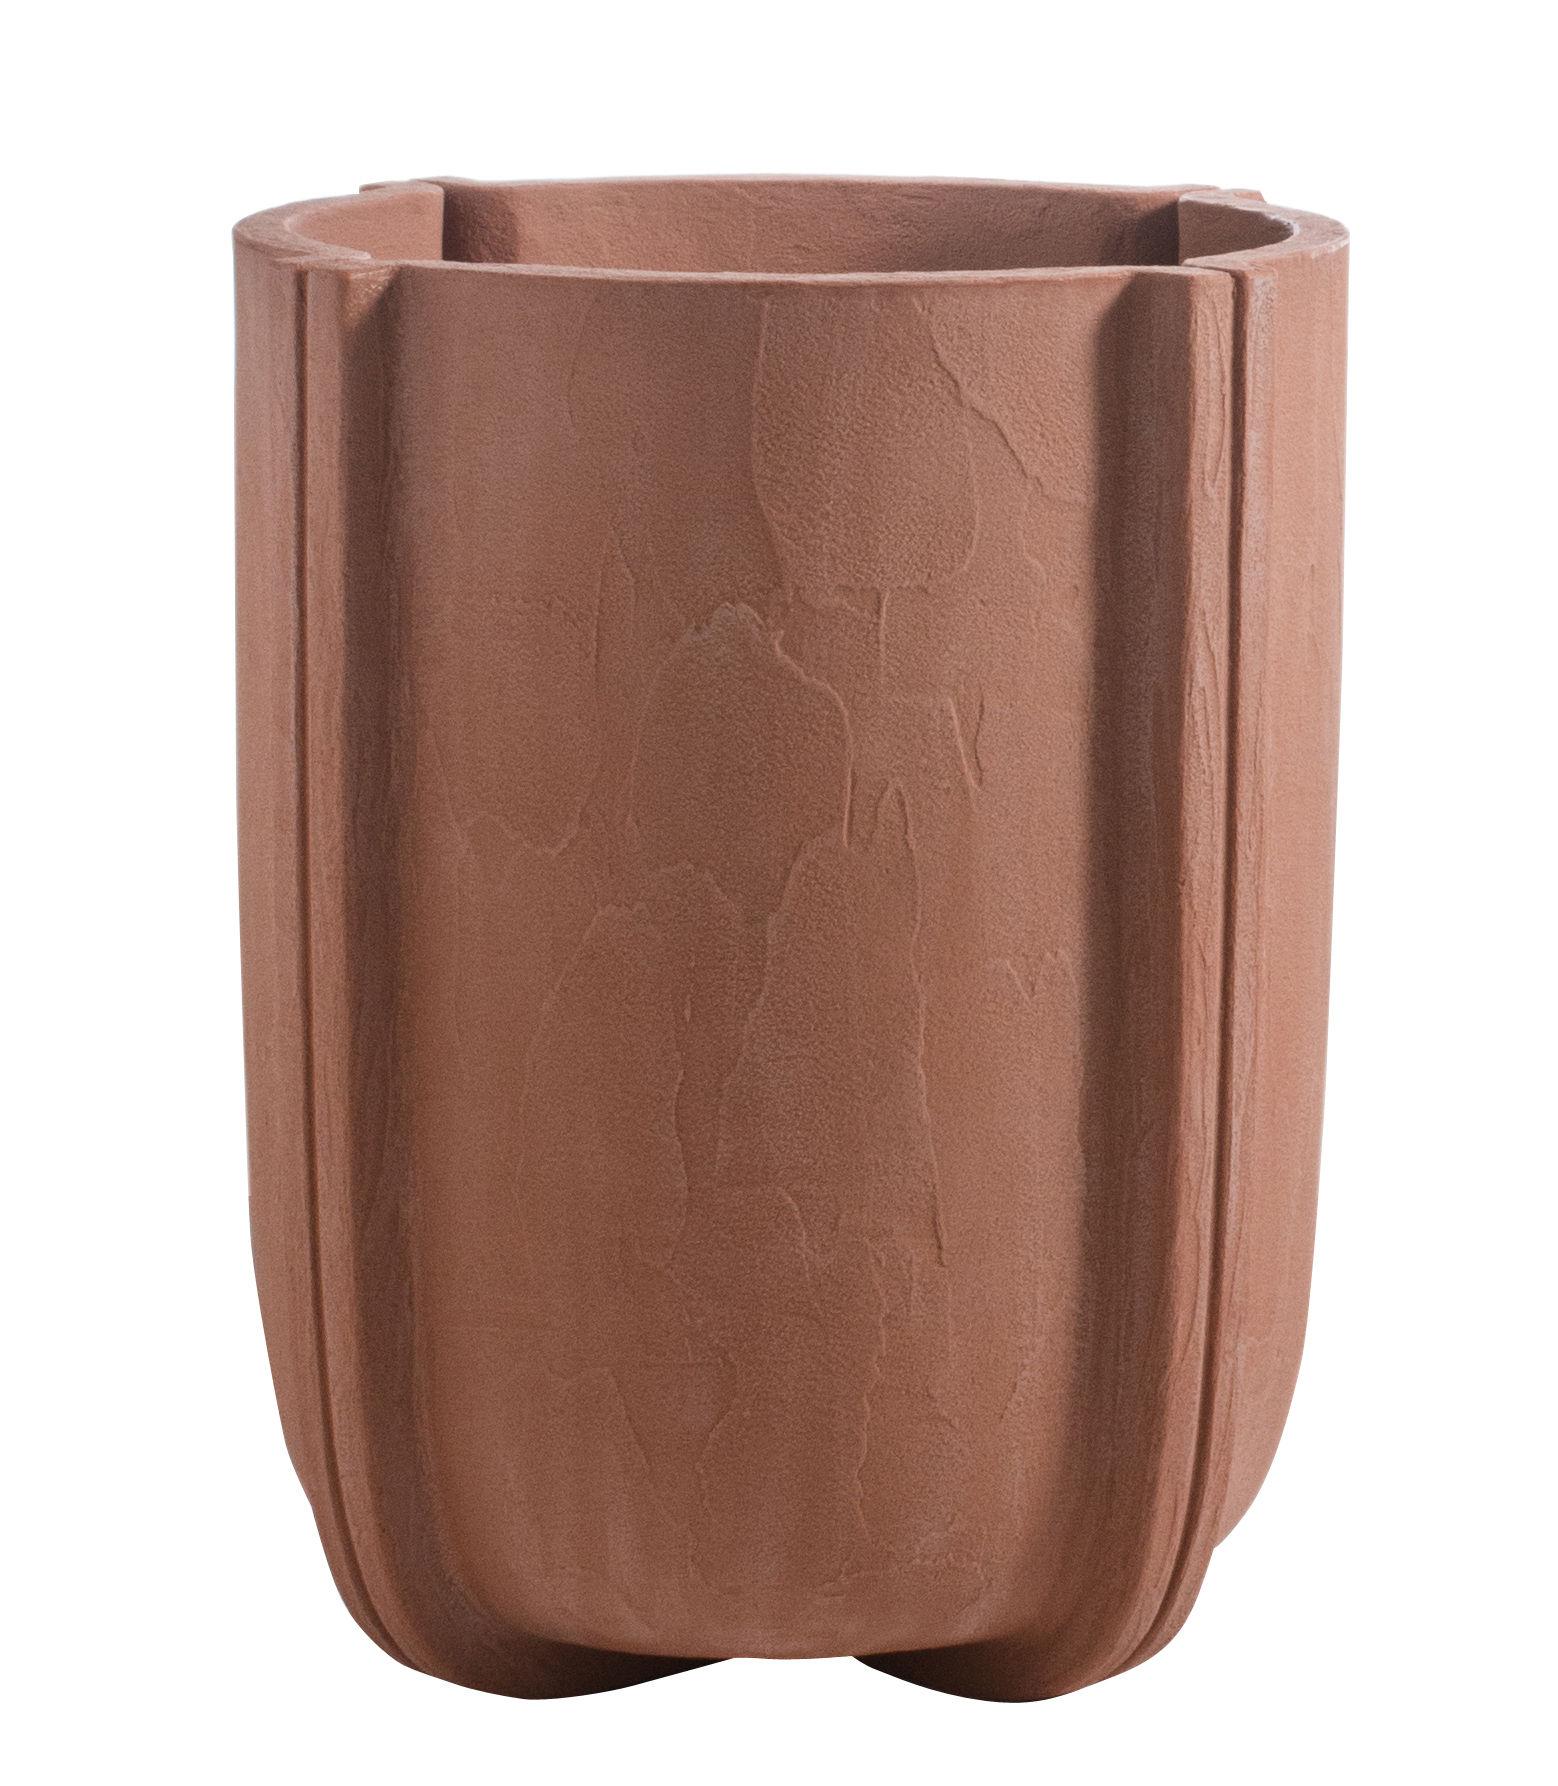 Outdoor - Pots et plantes - Pot de fleurs Cassero / Ø 60 x H 70 cm - Plastique effet béton - Serralunga - Terre cuite - Polyéthylène